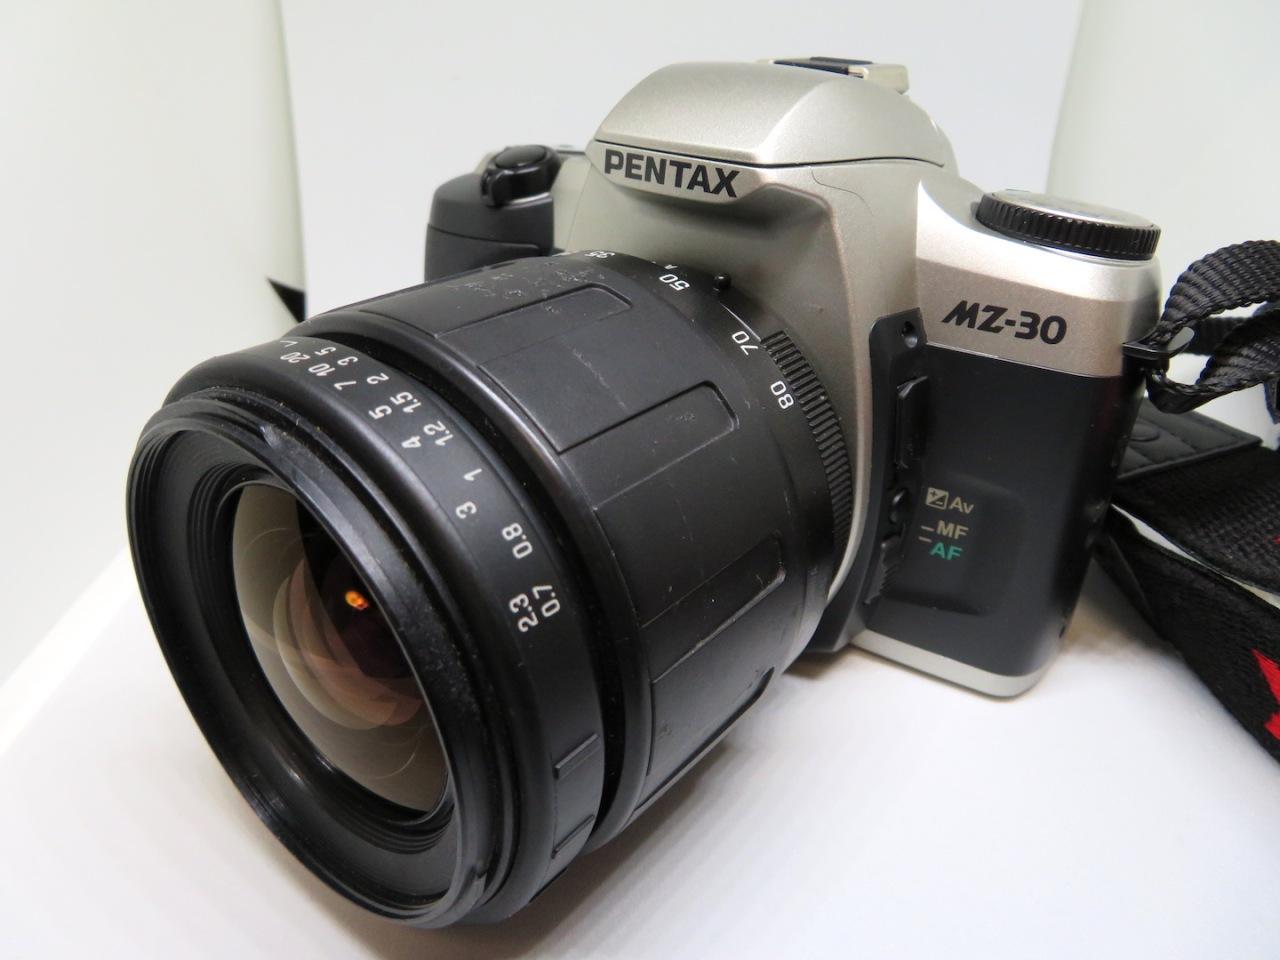 Pentax MZ-30 (ZX-30)